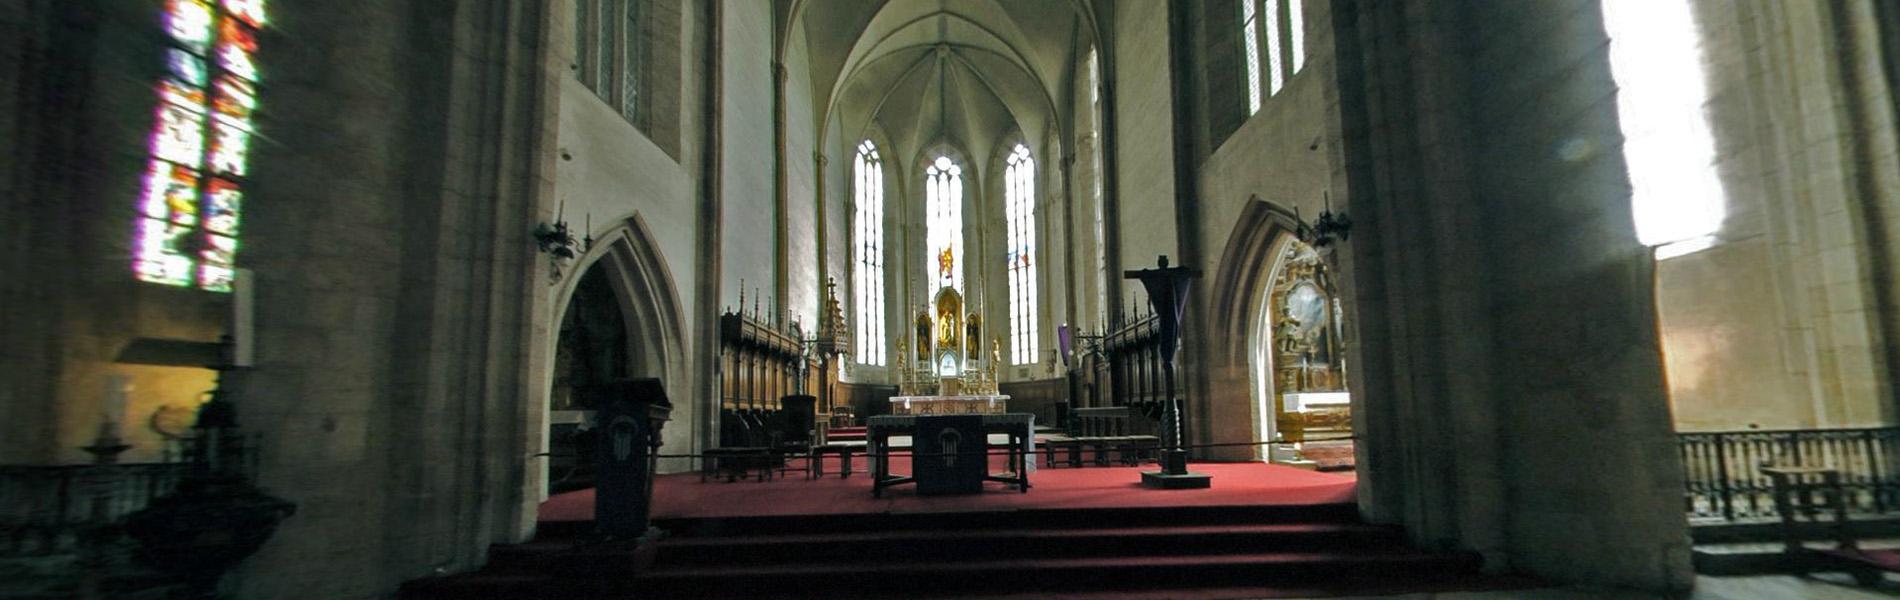 Szent Mihály katolikus bazilika